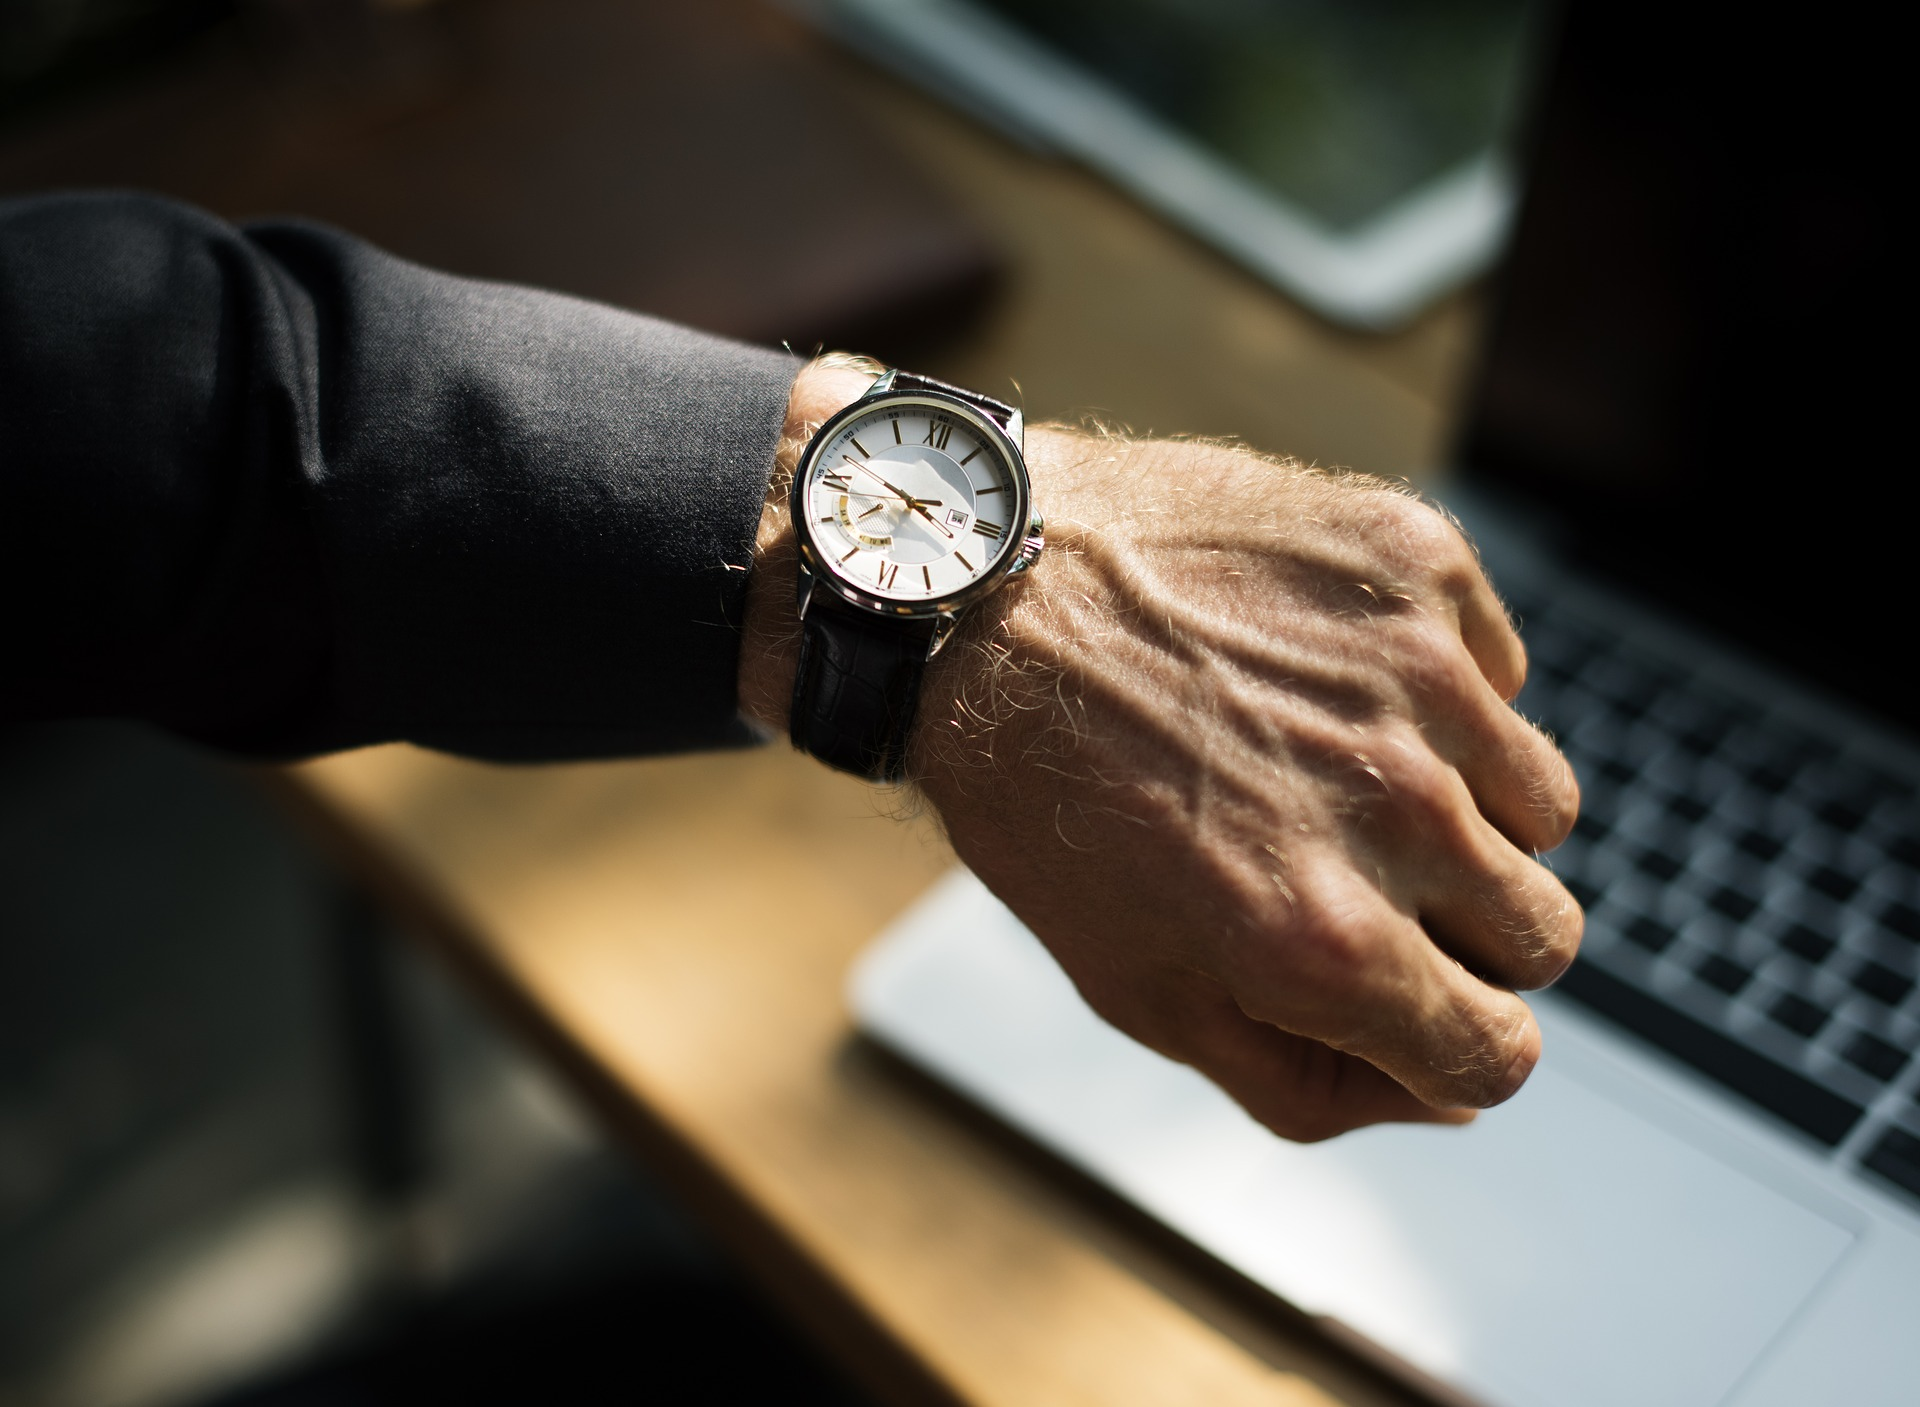 ¿Se puede despedir a un empleado por llegar tarde al trabajo?